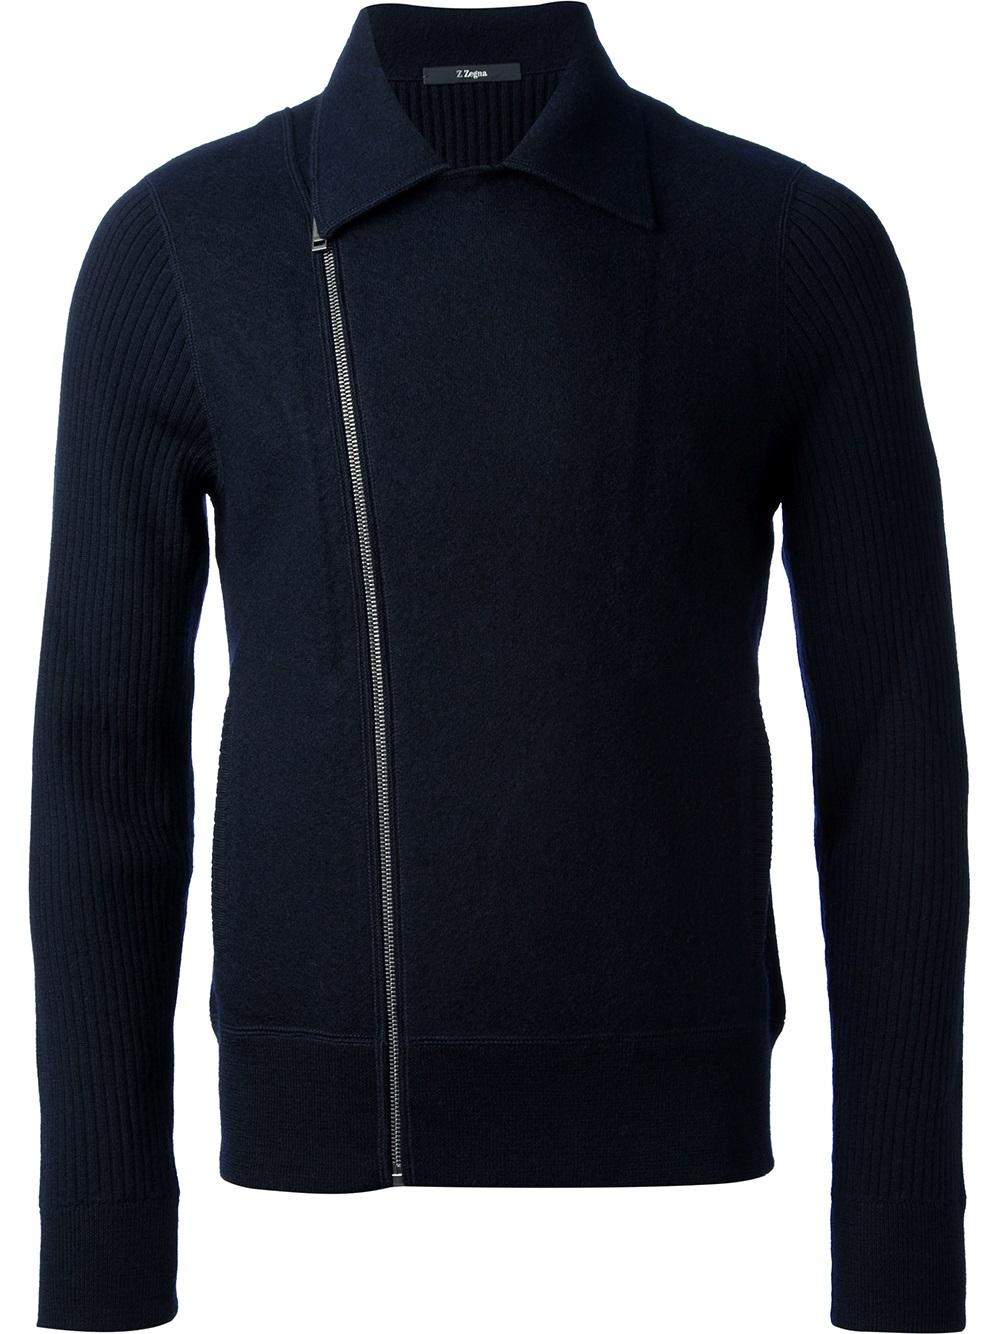 Navy Blue Sweater For Men